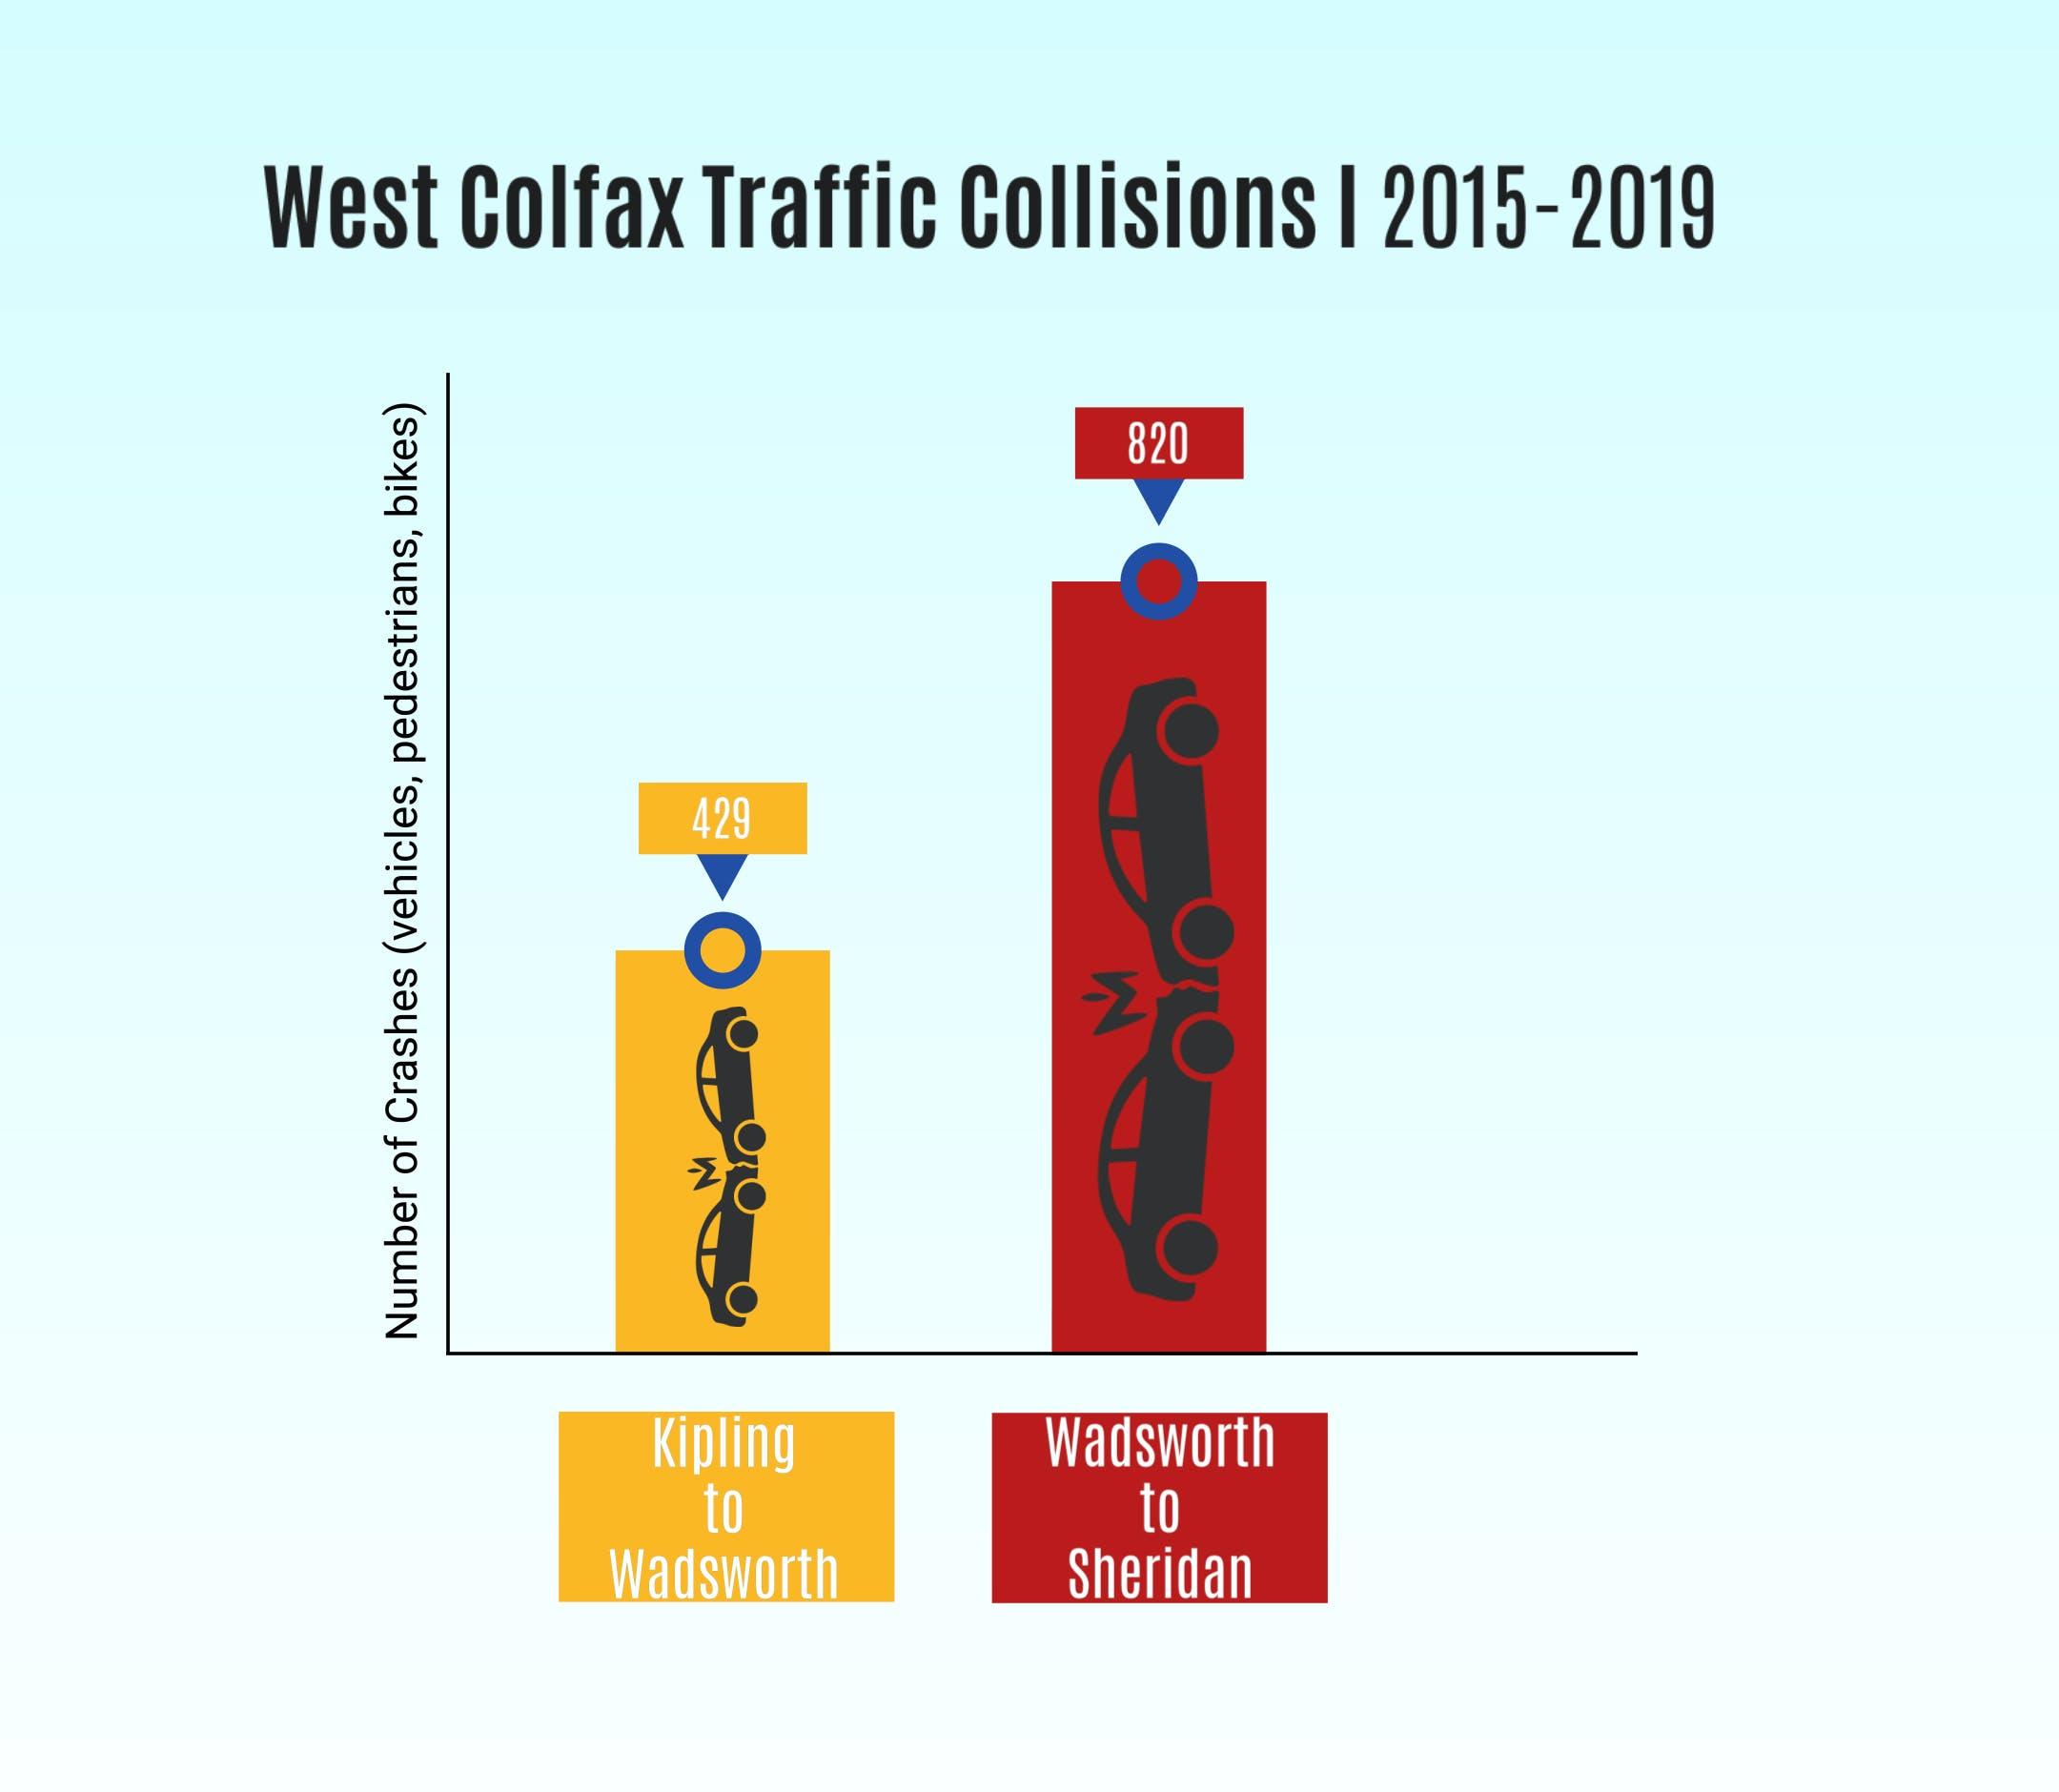 West Colfax Car Ax Bar Graph.jpg